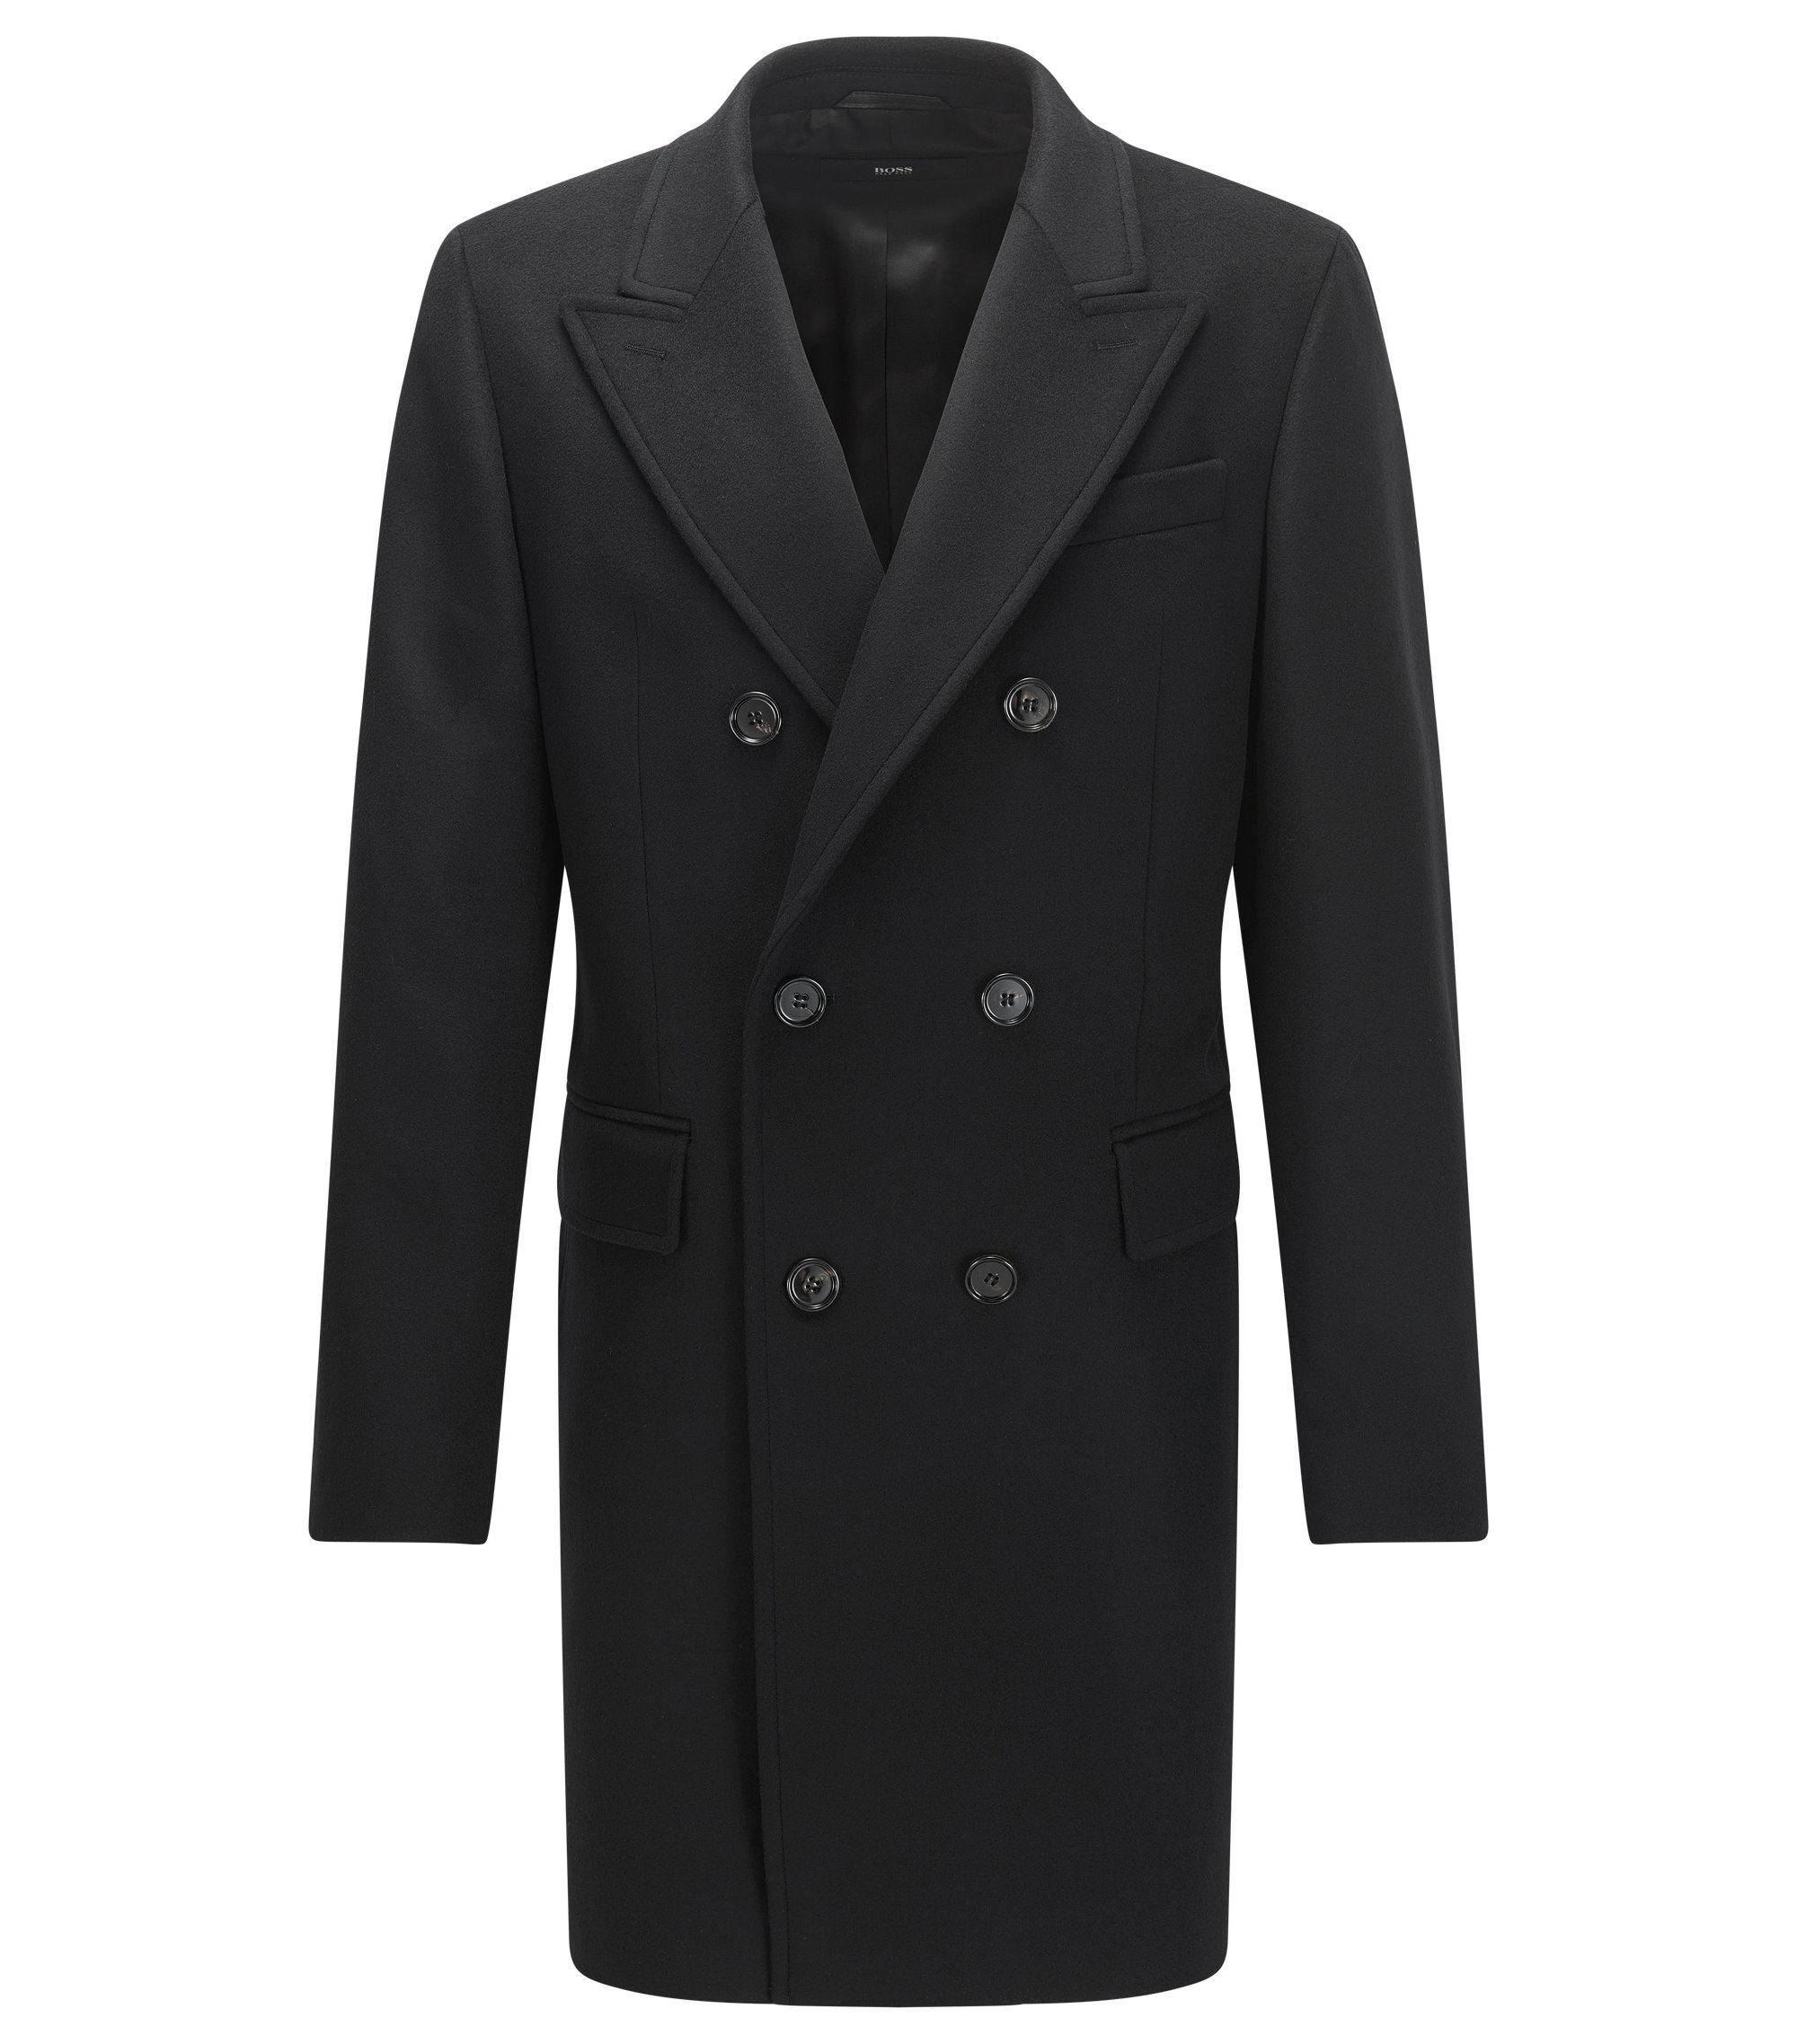 Zweireihiger Slim-Fit Mantel aus Schurwoll-Mix mit Kaschmir, Schwarz